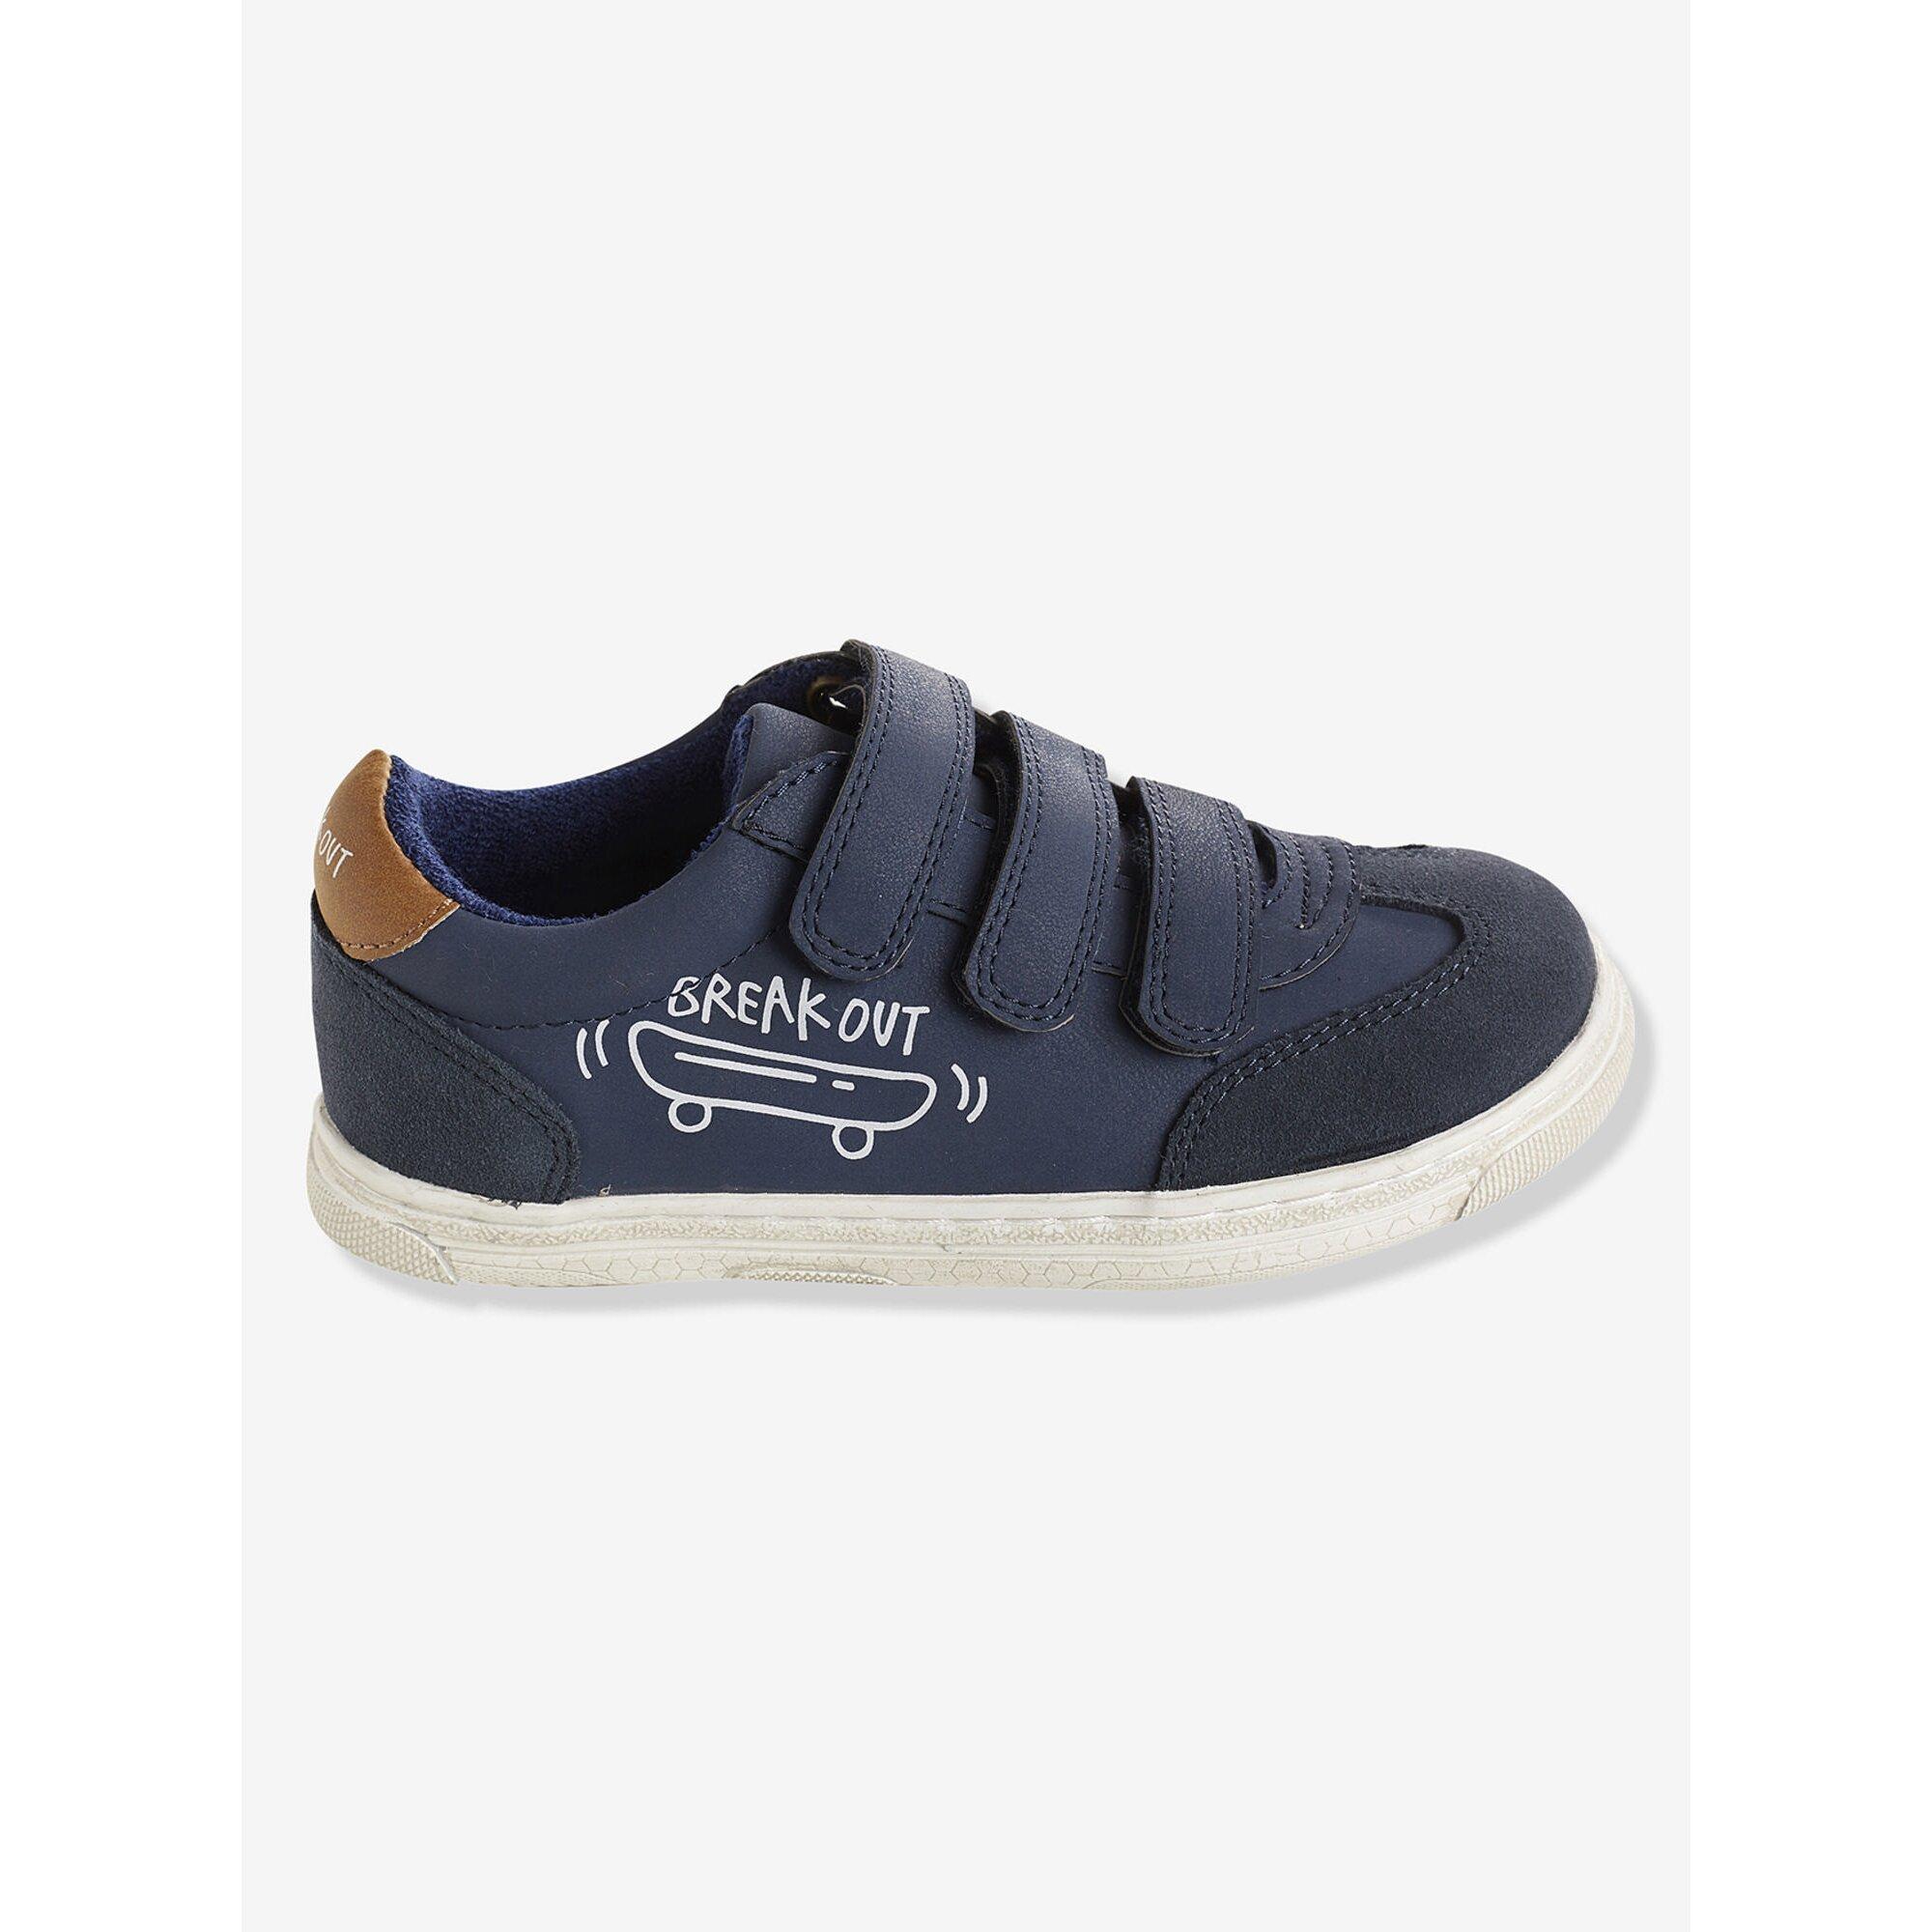 vertbaudet-sneakers-fur-kinder-klett, 35.99 EUR @ babywalz-de